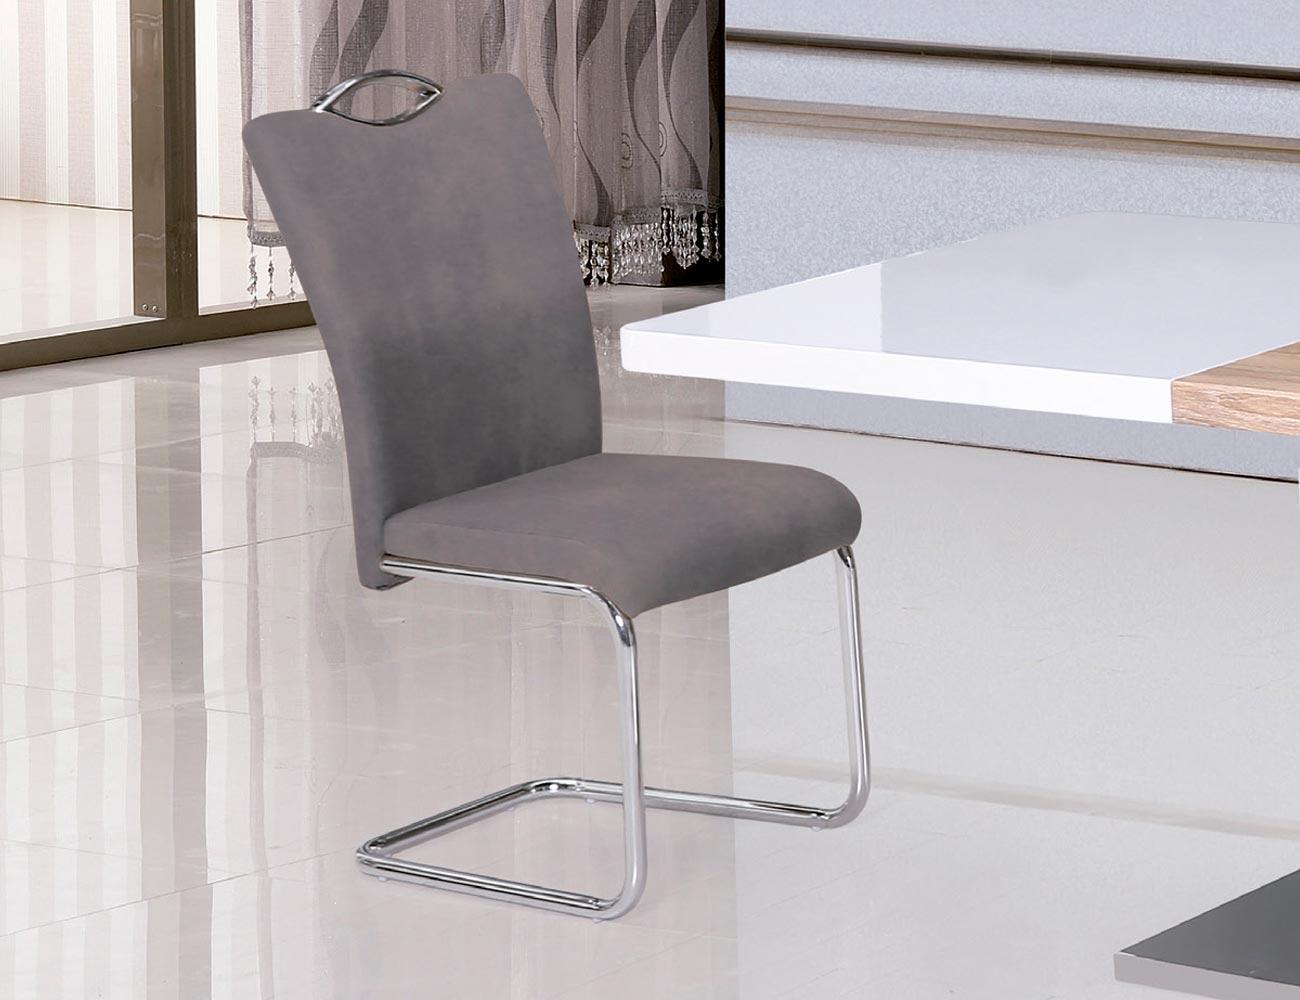 Juego de 4 sillas con respaldo y asiento tapizado en gris for Sillas grises para comedor